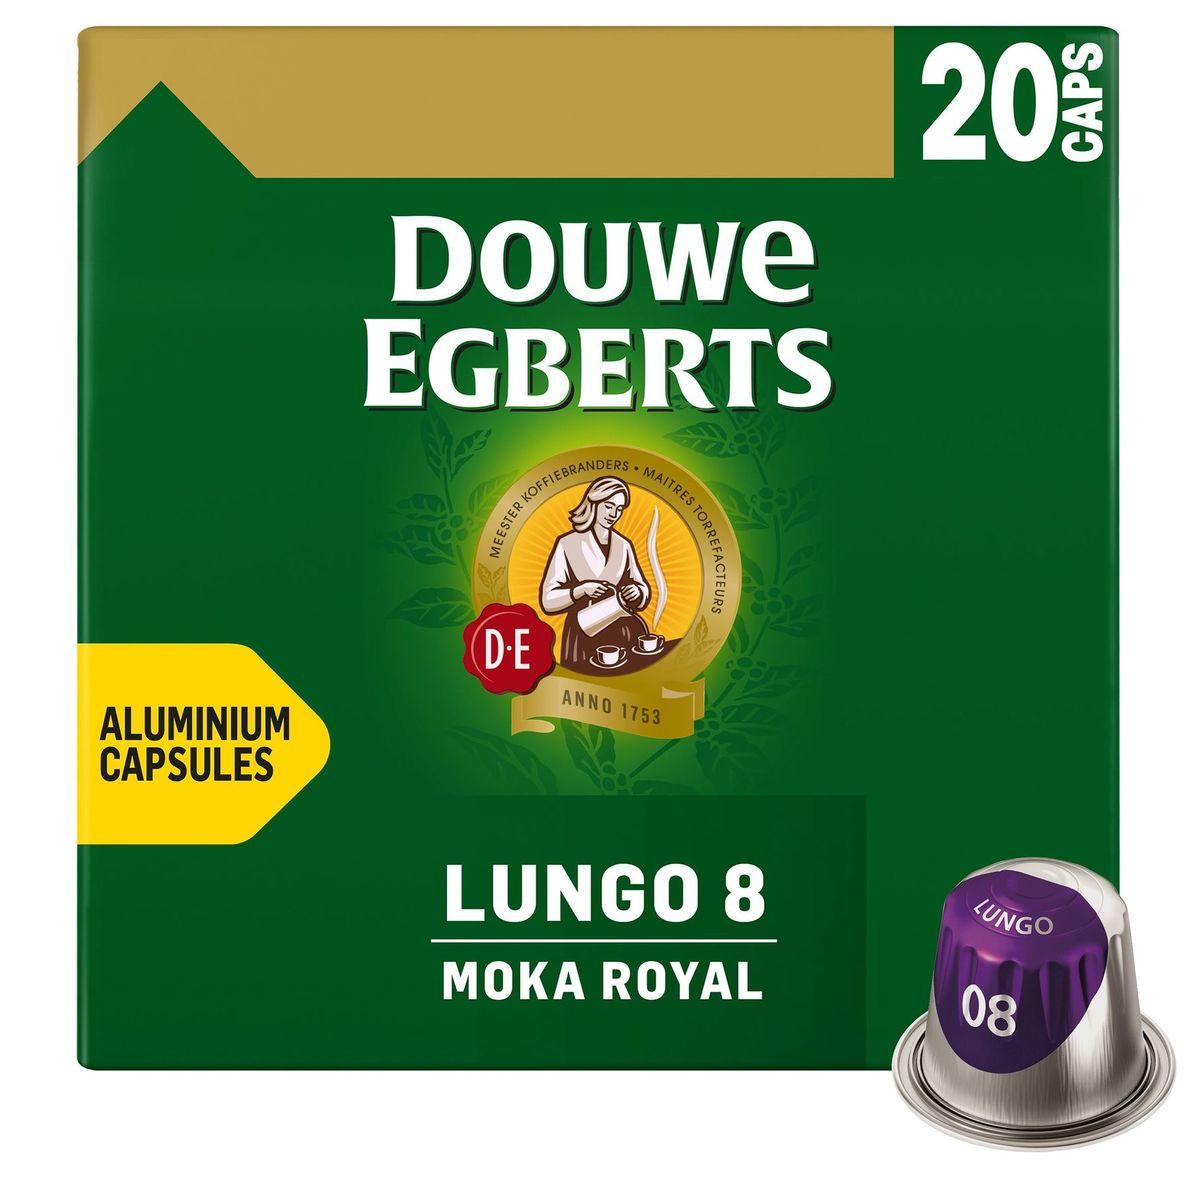 DOUWE EGBERTS Café Capsules Moka Royal Lungo Intensité 08 Nespresso® Compatible 20 pièces